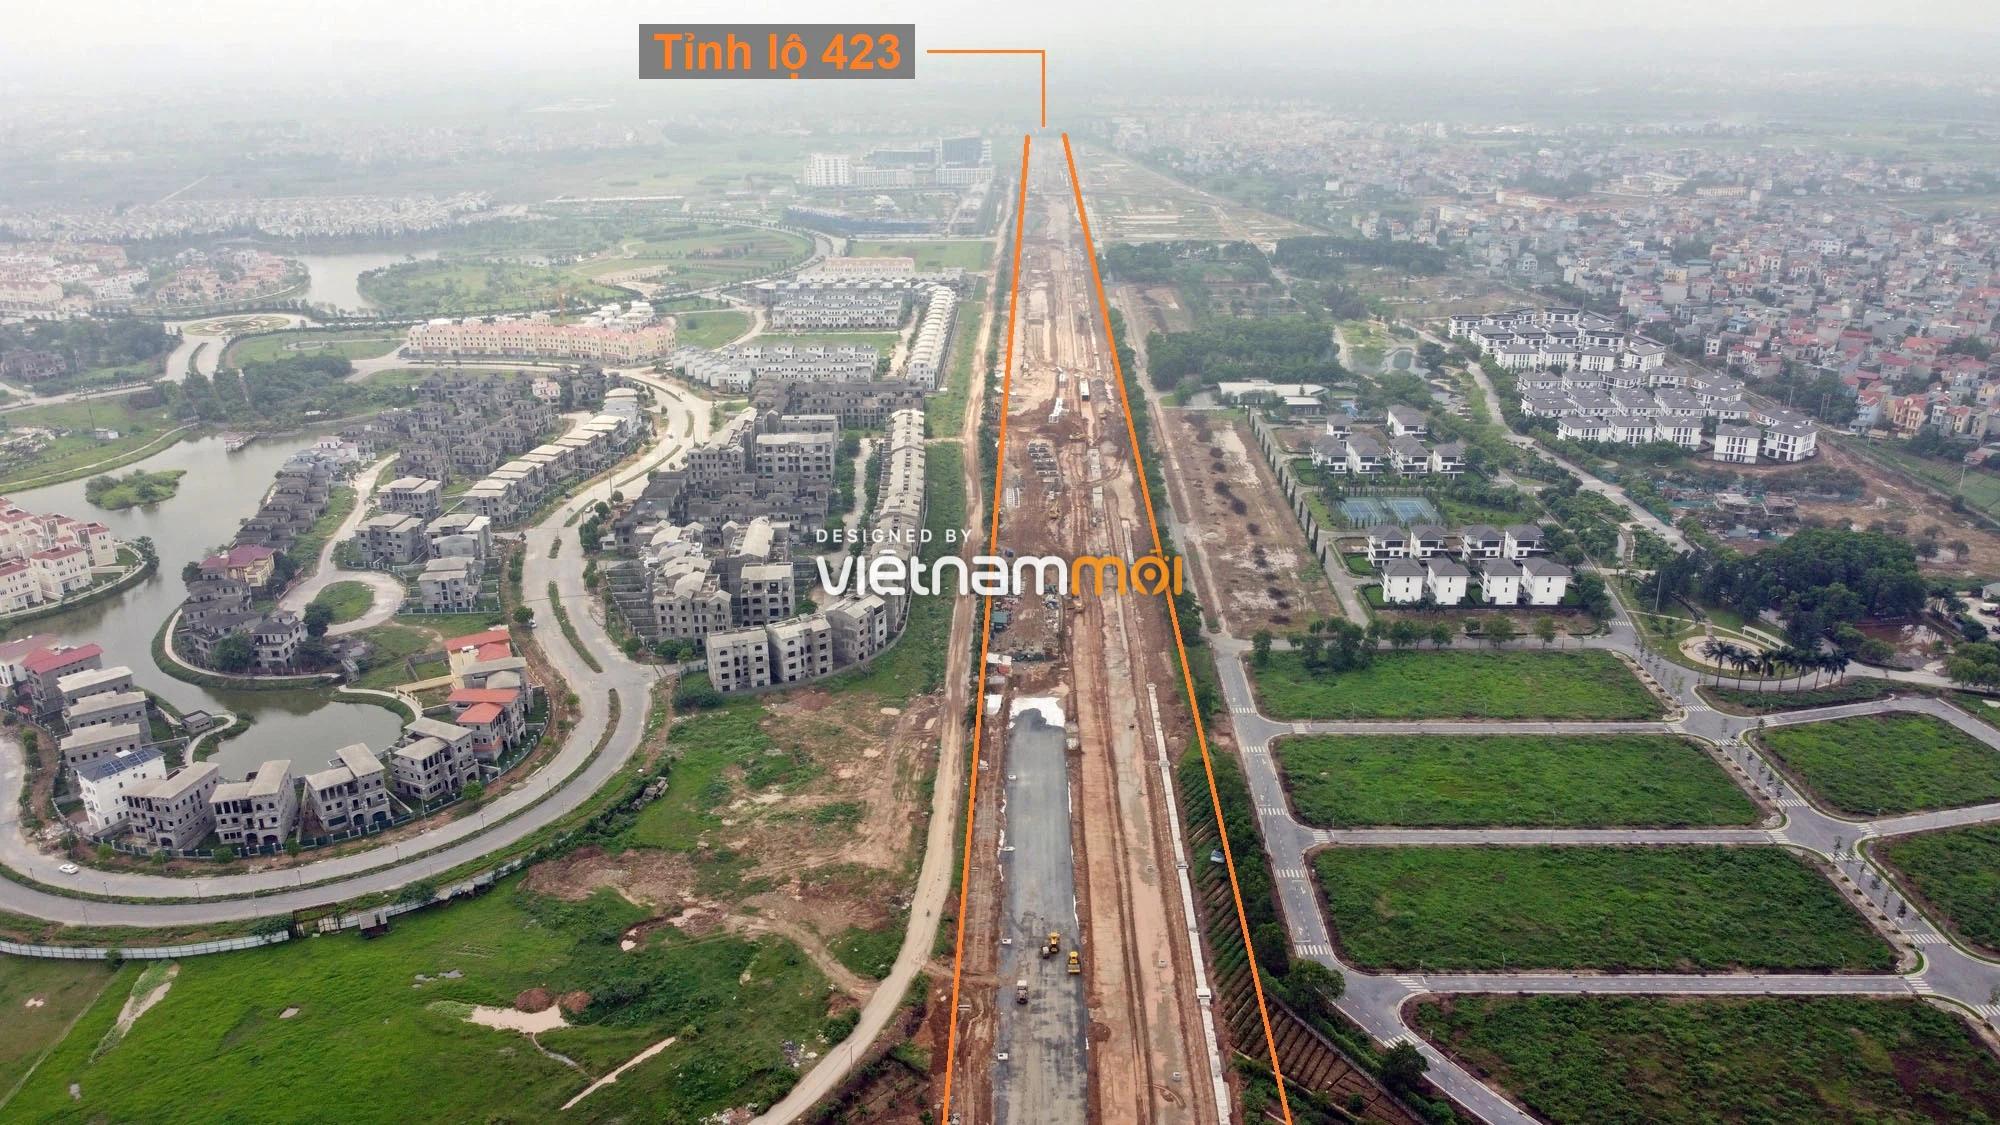 Toàn cảnh đường nối Đại lộ Thăng Long - tỉnh lộ 423 qua KĐT Nam An Khánh đang mở theo quy hoạch ở Hà Nội - Ảnh 3.